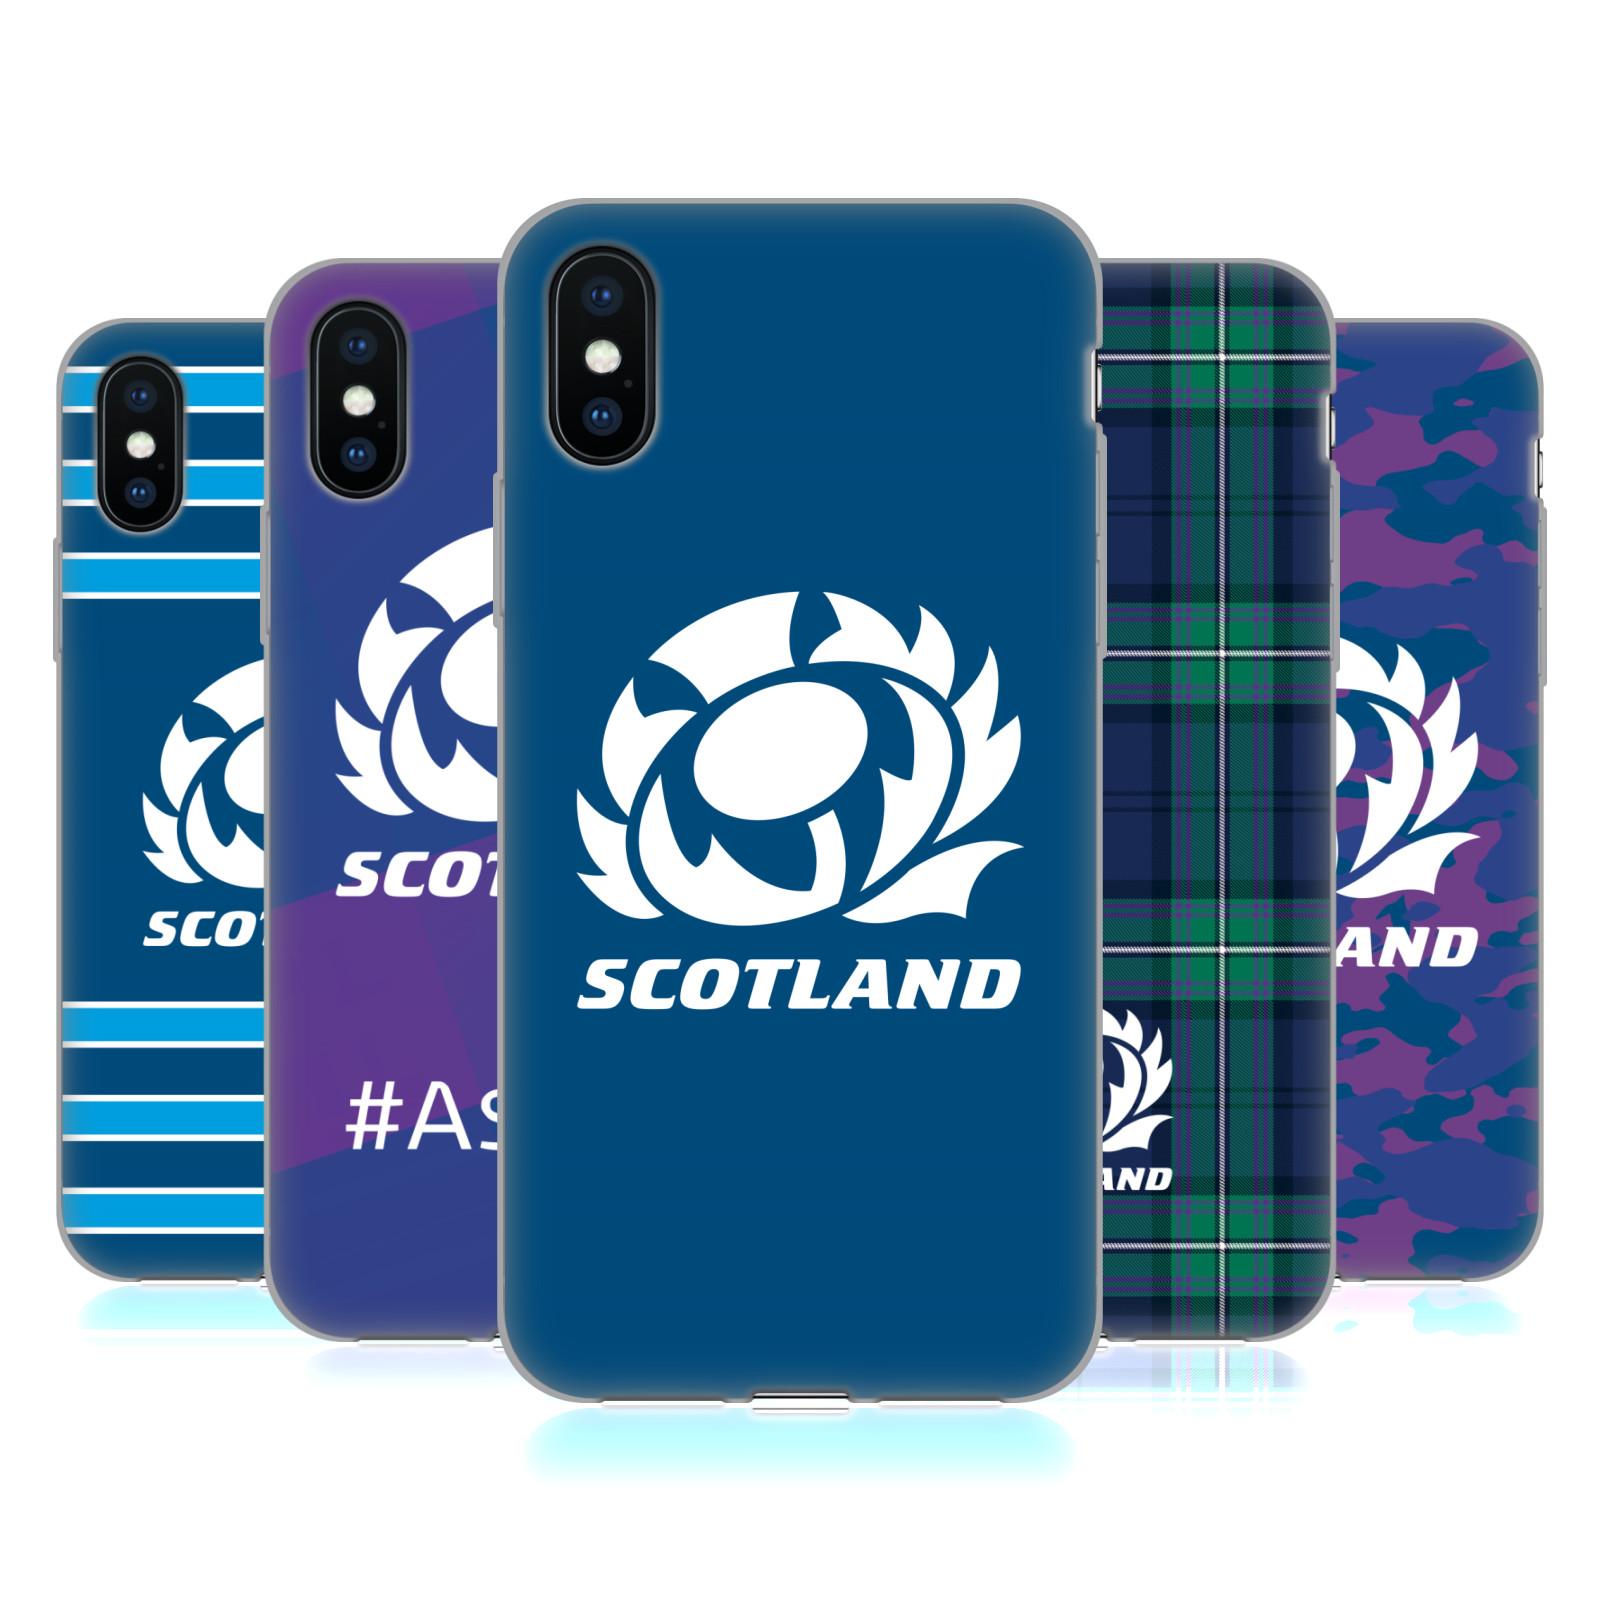 Scotland Rugby <!--translate-lineup-->2019/20 Logo<!--translate-lineup-->